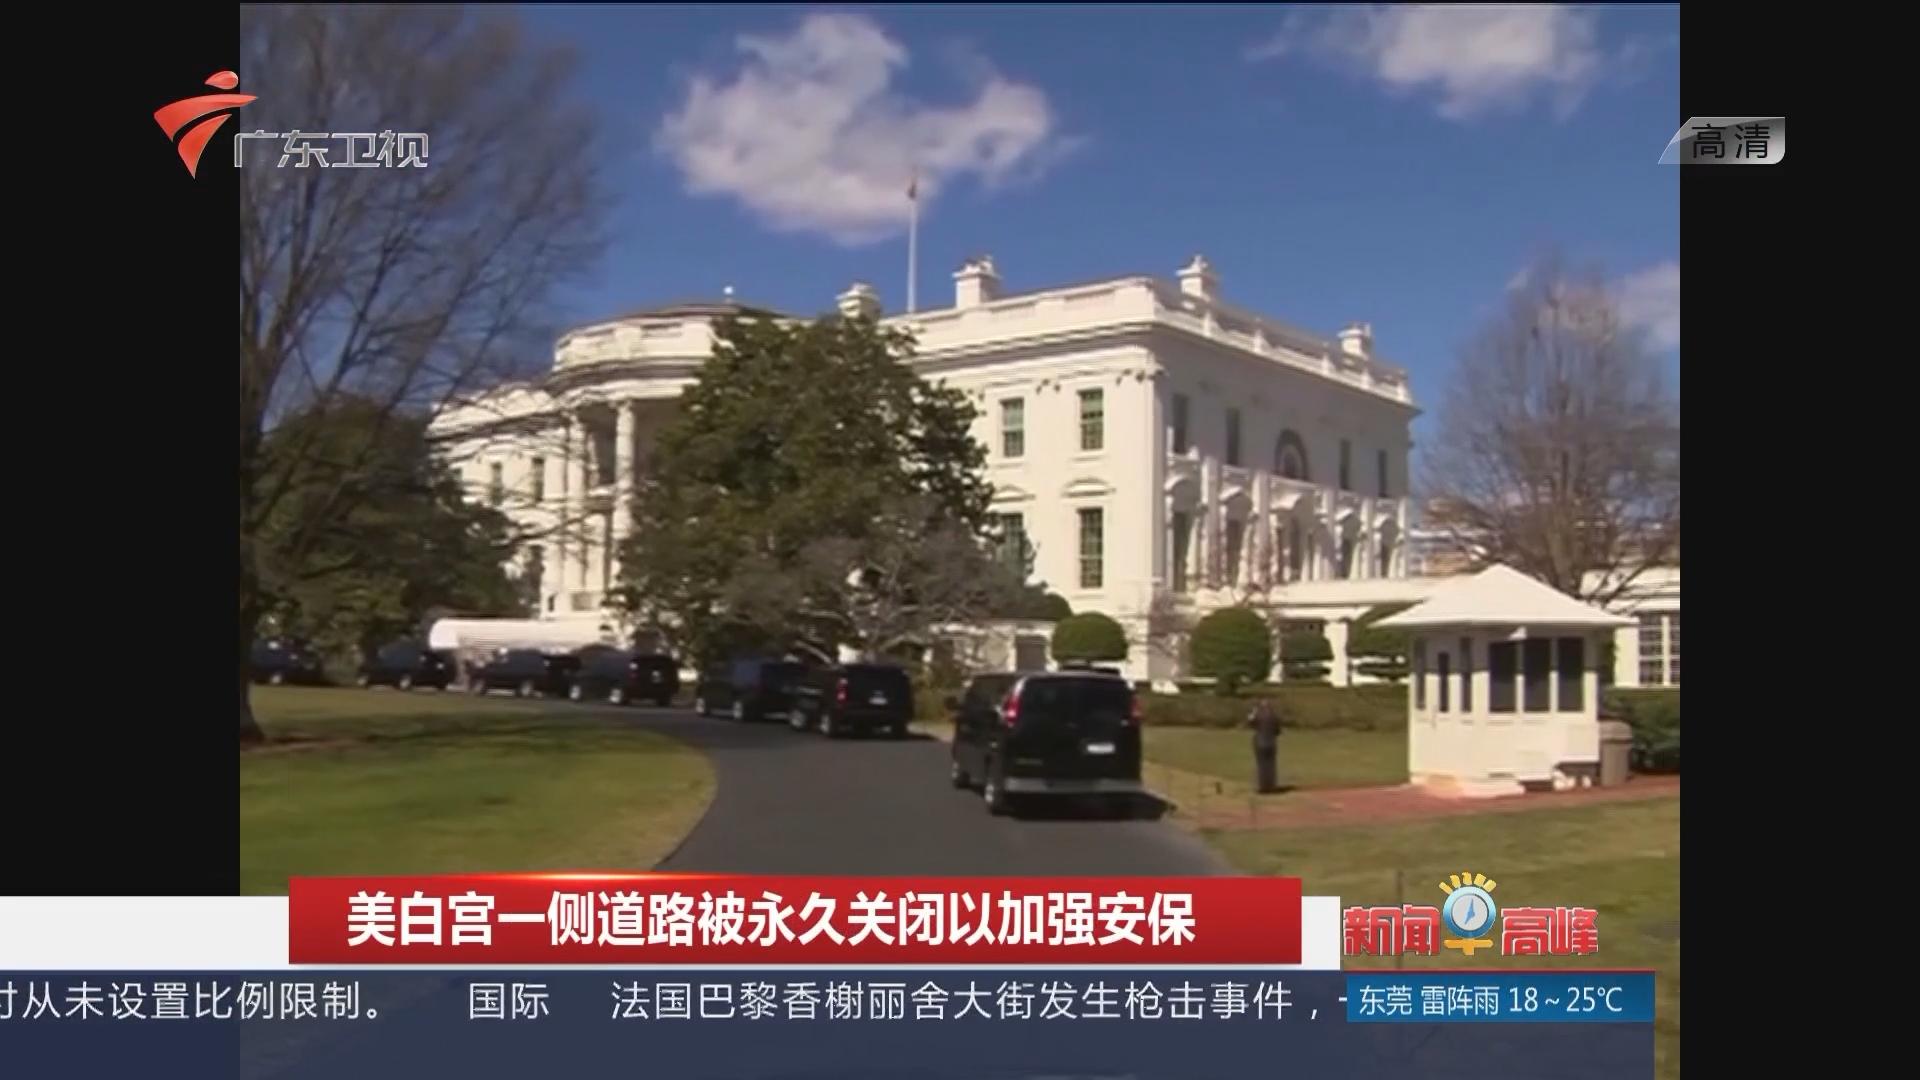 美白宫一侧道路被永久关闭以加强安保